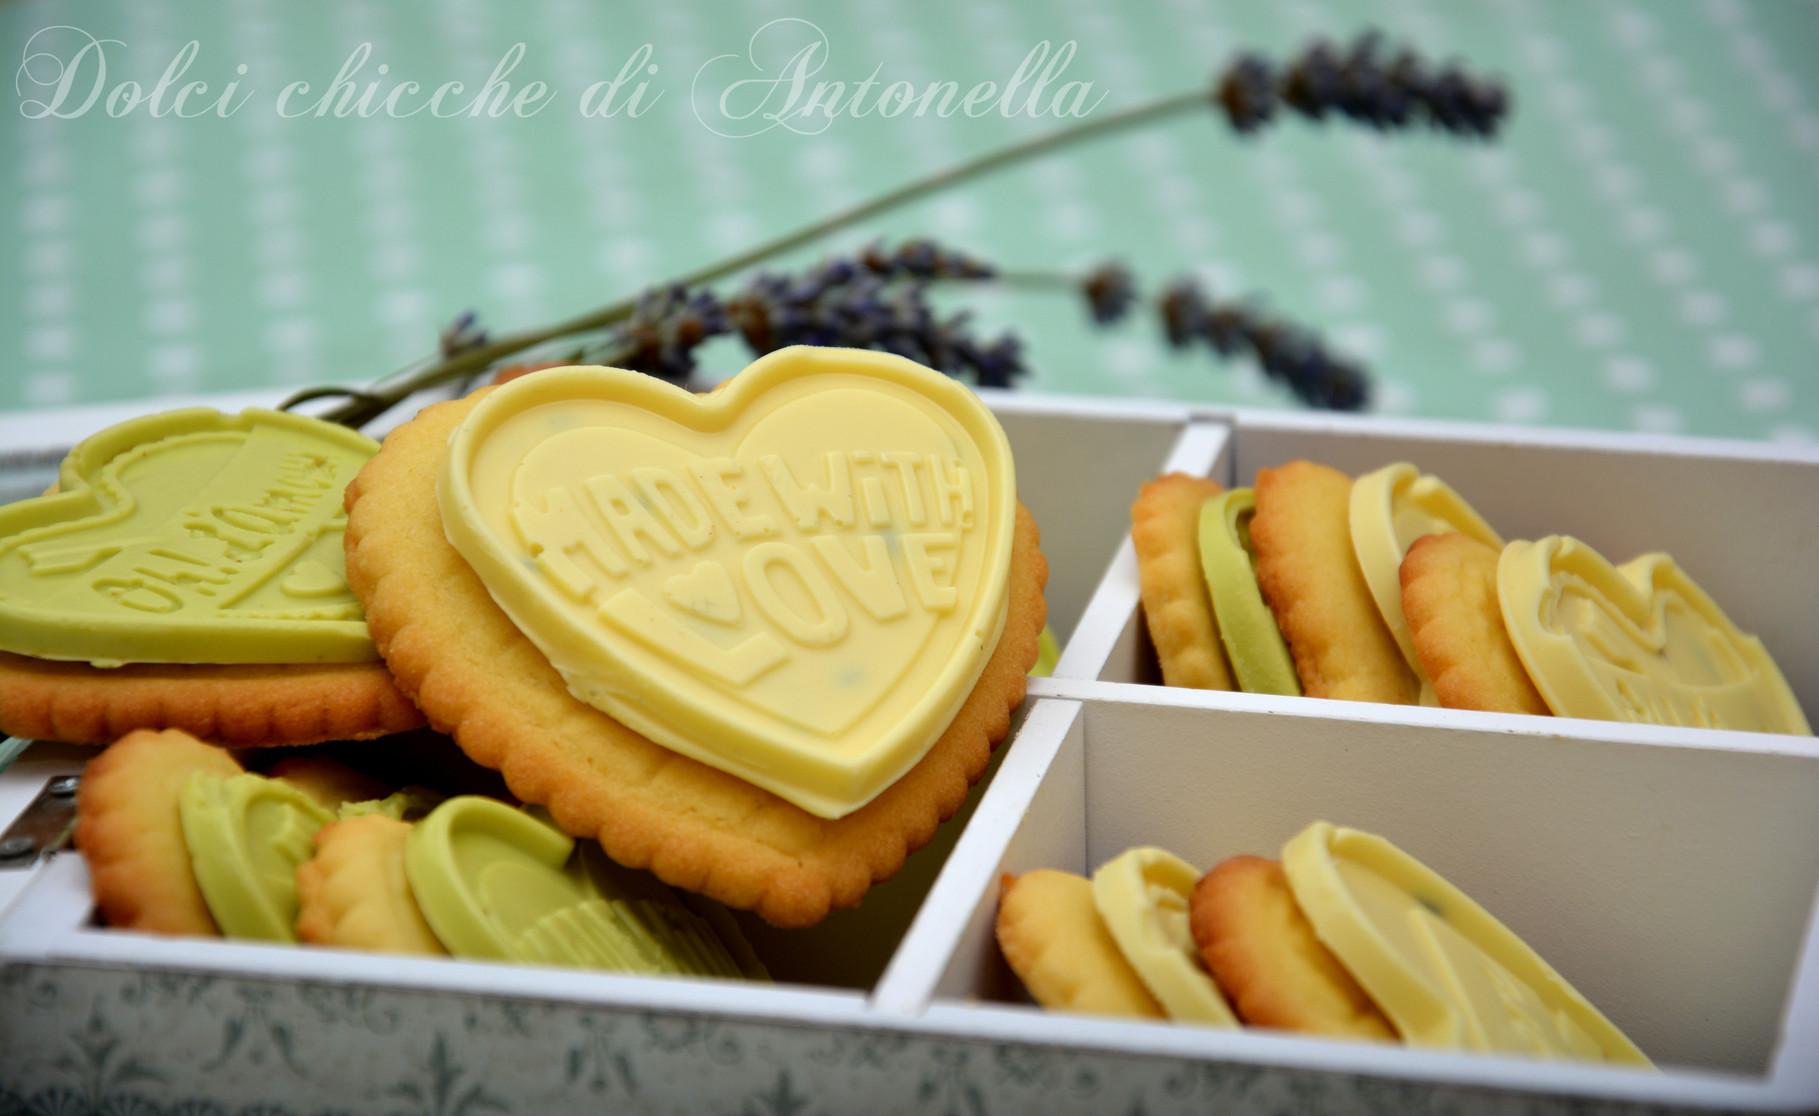 Biscotti con cioccolato bianco e lavanda, cioccolato bianco e pistacchio